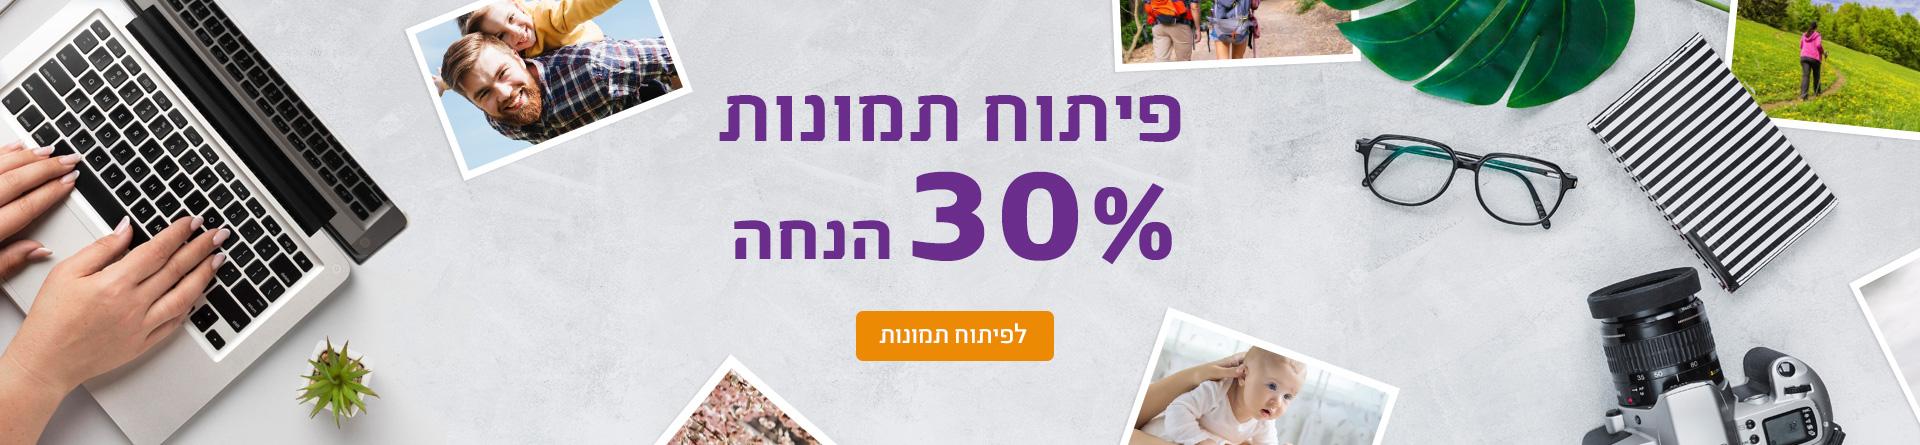 פיתוח תמונות 30% 11.10